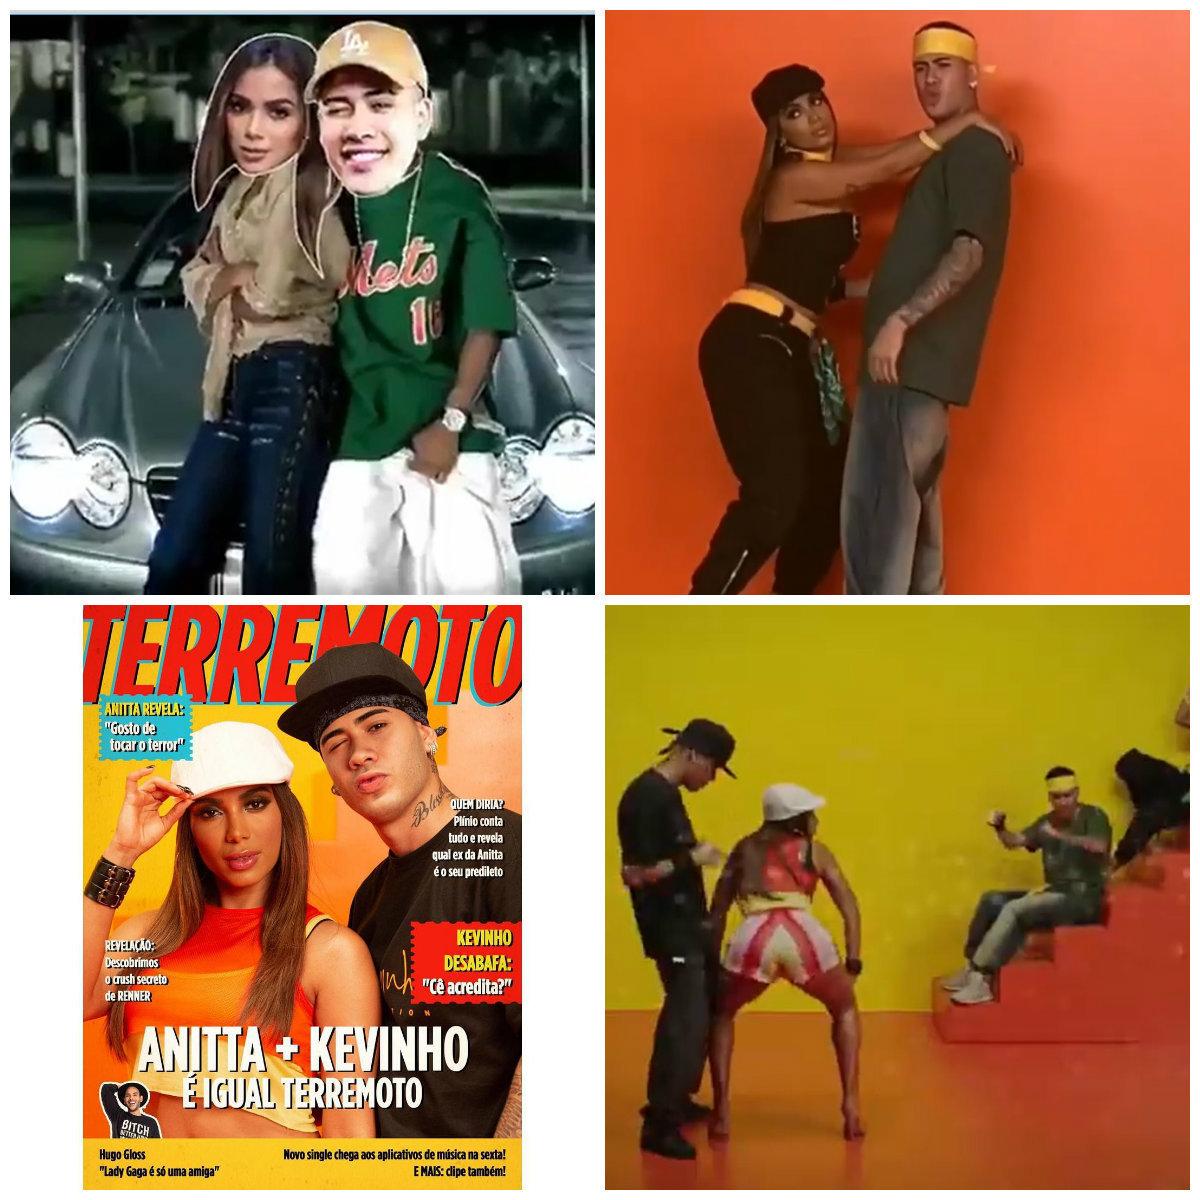 Anitta e Kevinho lançam hit  veja o que esperar da parceria inédita - Fotos  - R7 Música 16b0394bd6